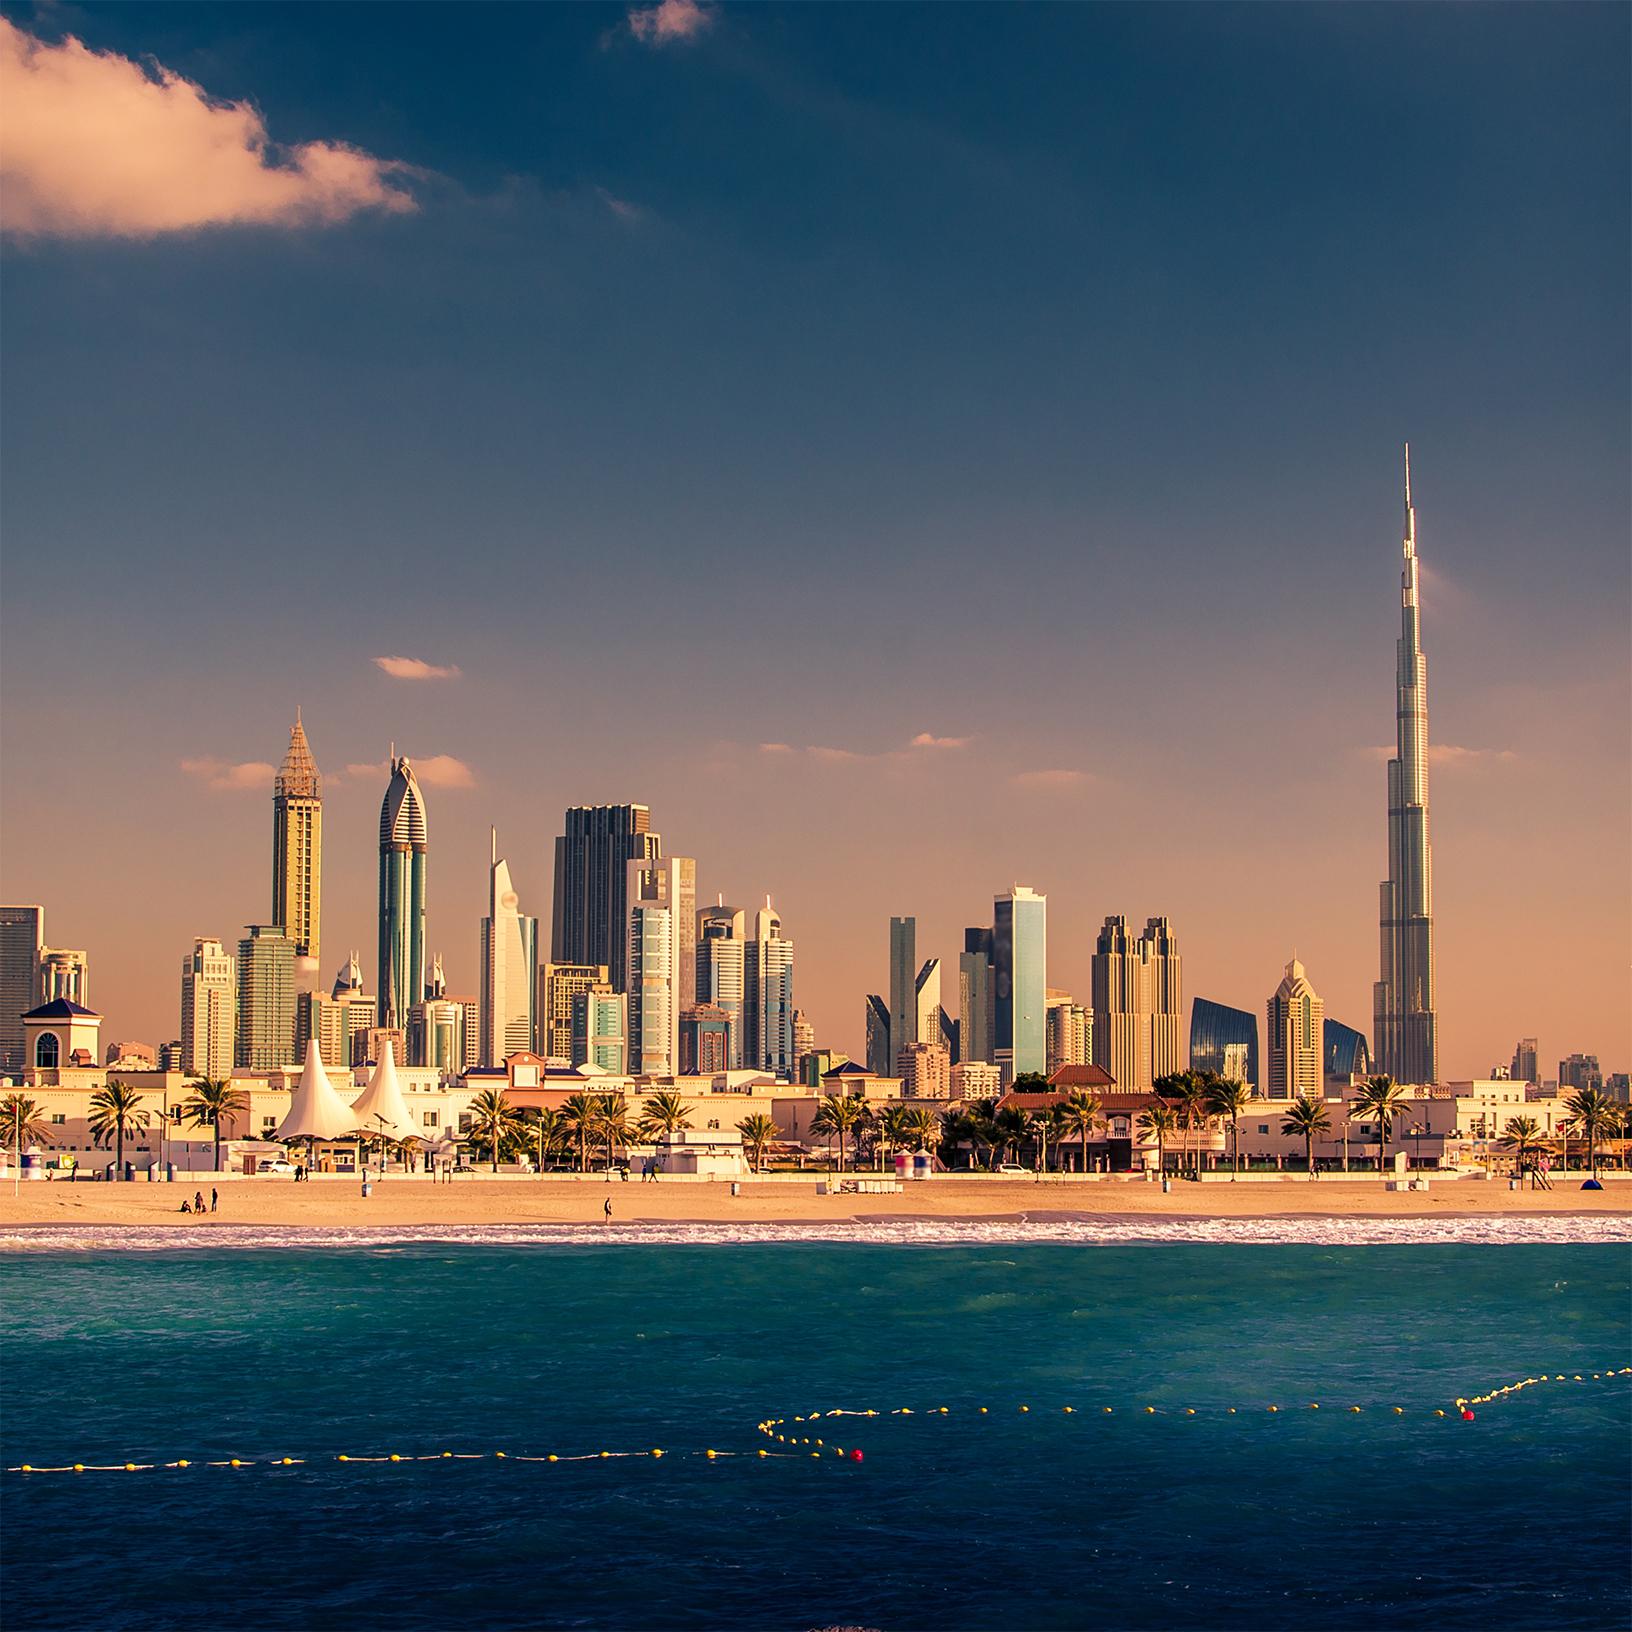 Excursiones para cruceros en Emiratos Árabes